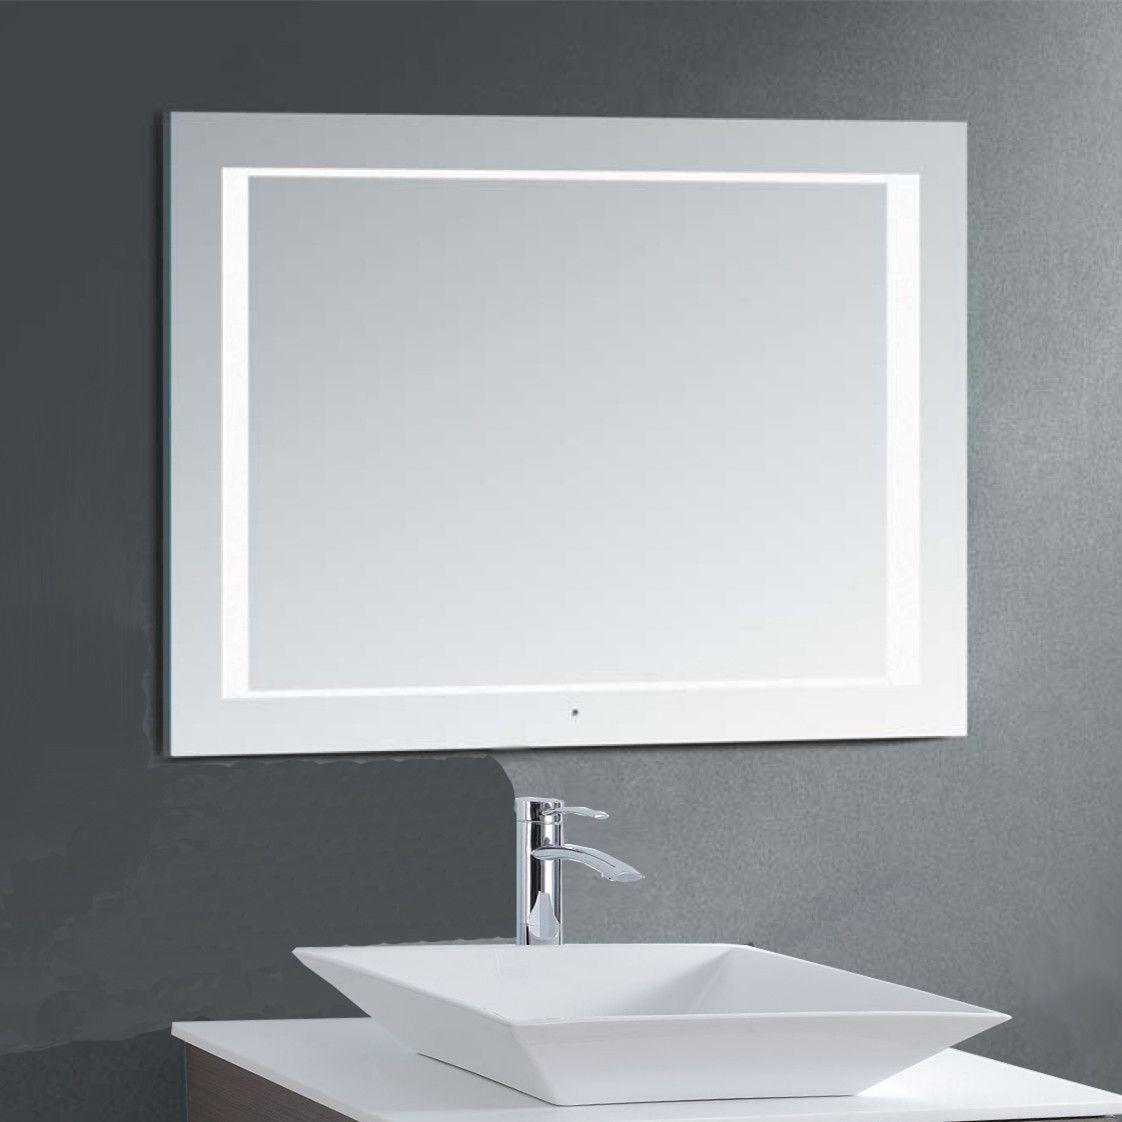 Debo Led Bathroom Mirror Decoration Wall Mirror - Buy Bathroom ...